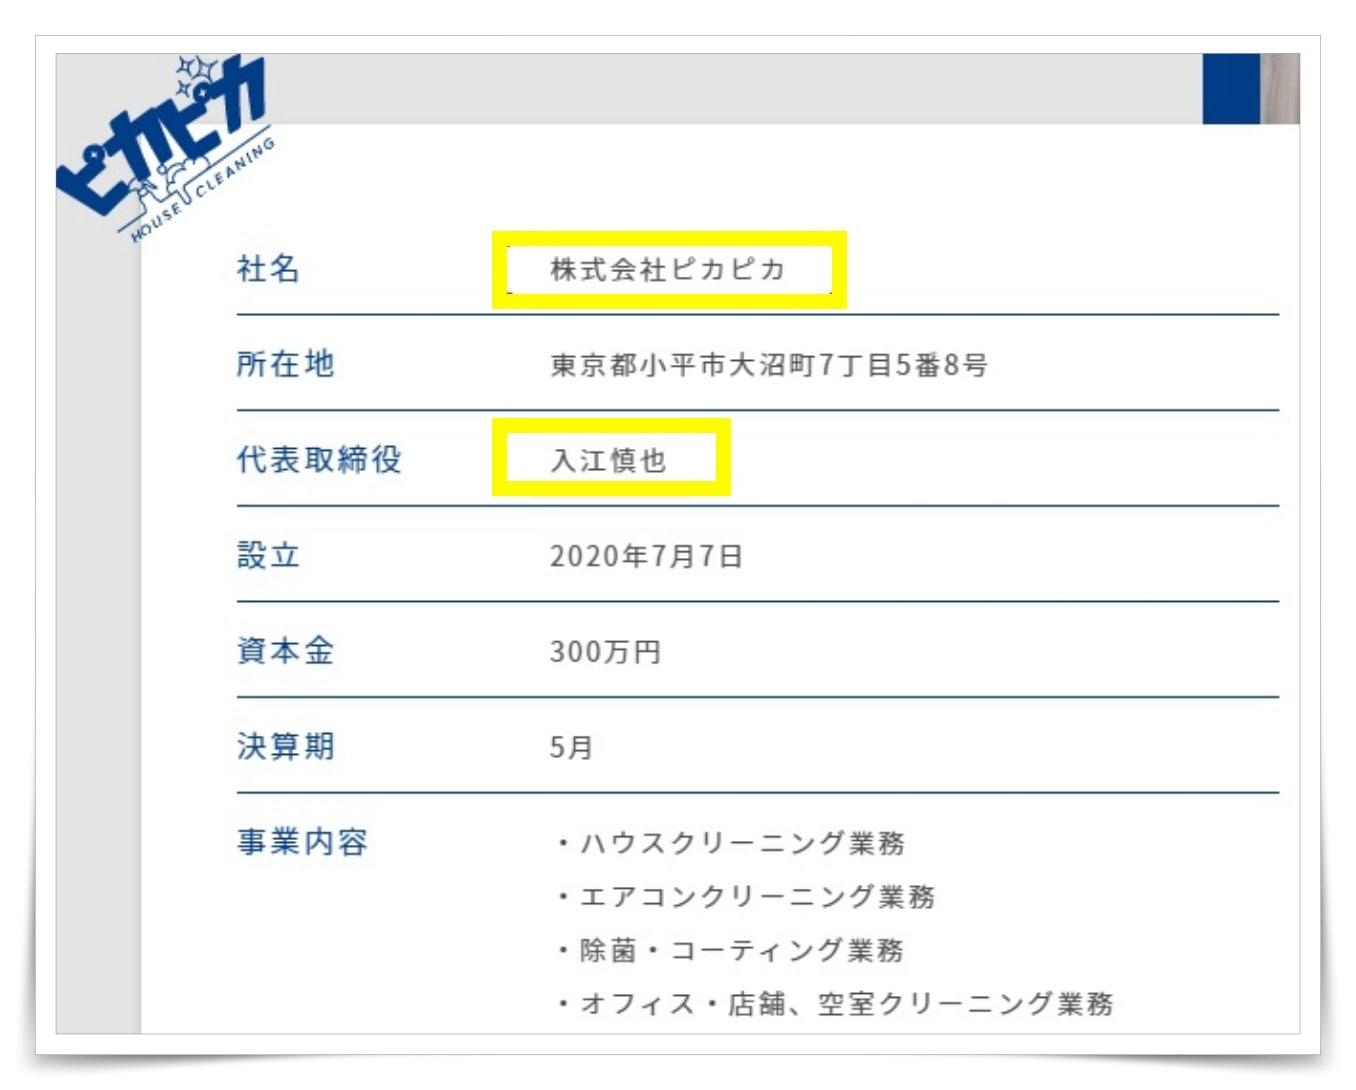 入江慎也清掃会社ホームページのの画像